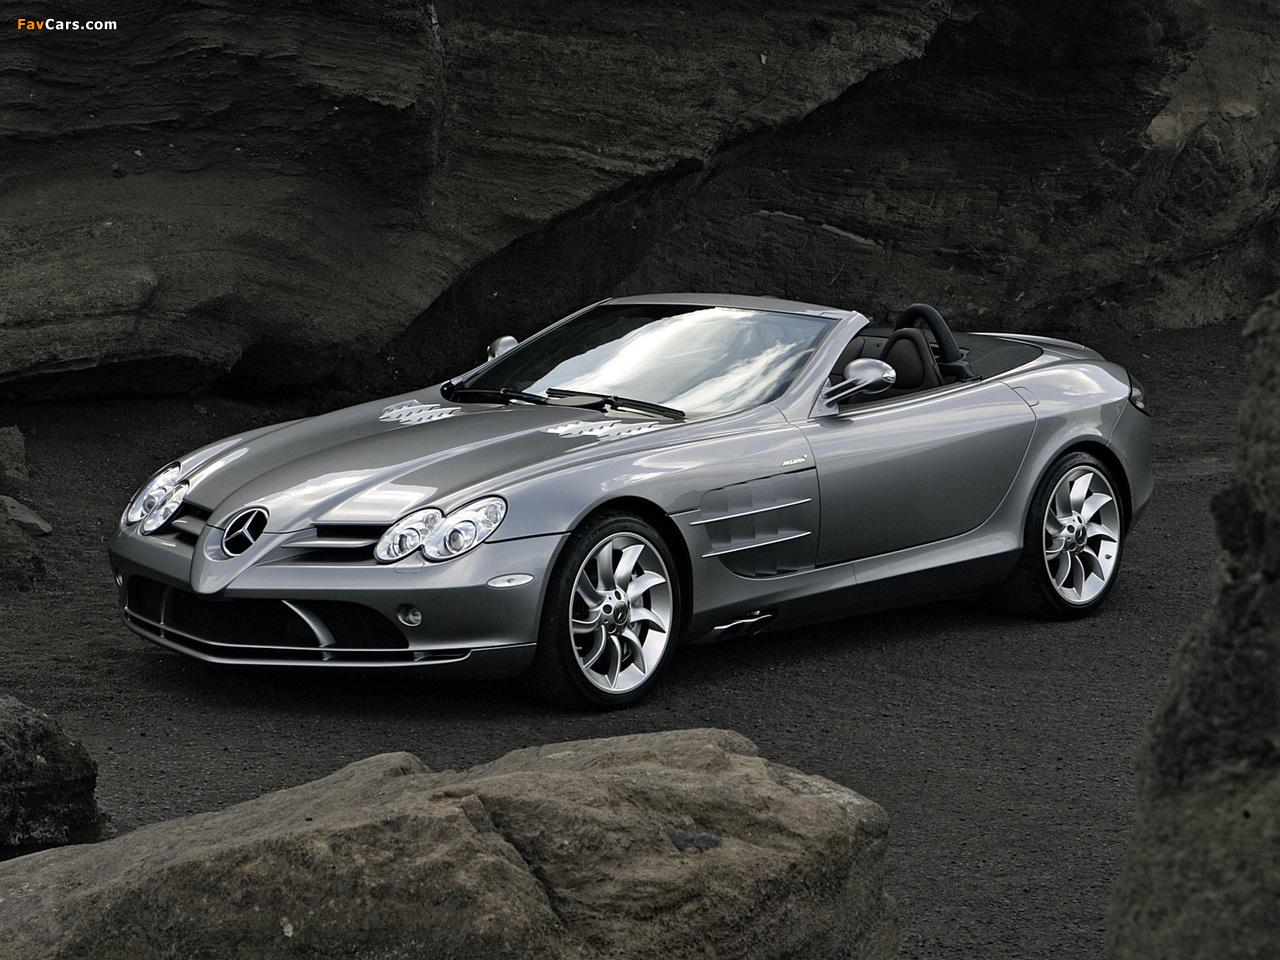 Mercedes Benz Slr Mclaren Roadster R199 2007 09 Pictures